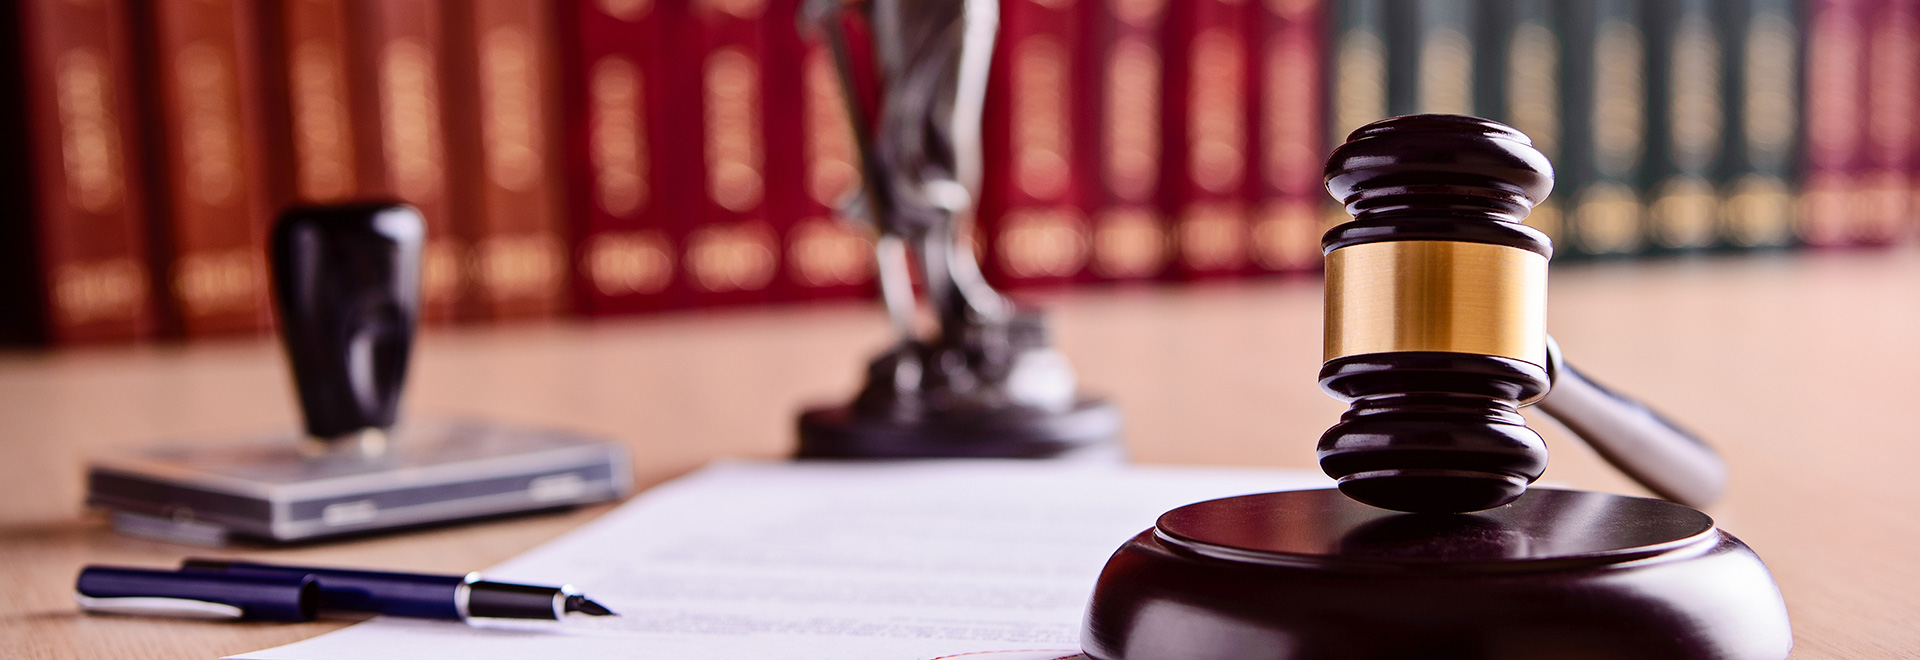 Legal Service risarcimento del danno Verona